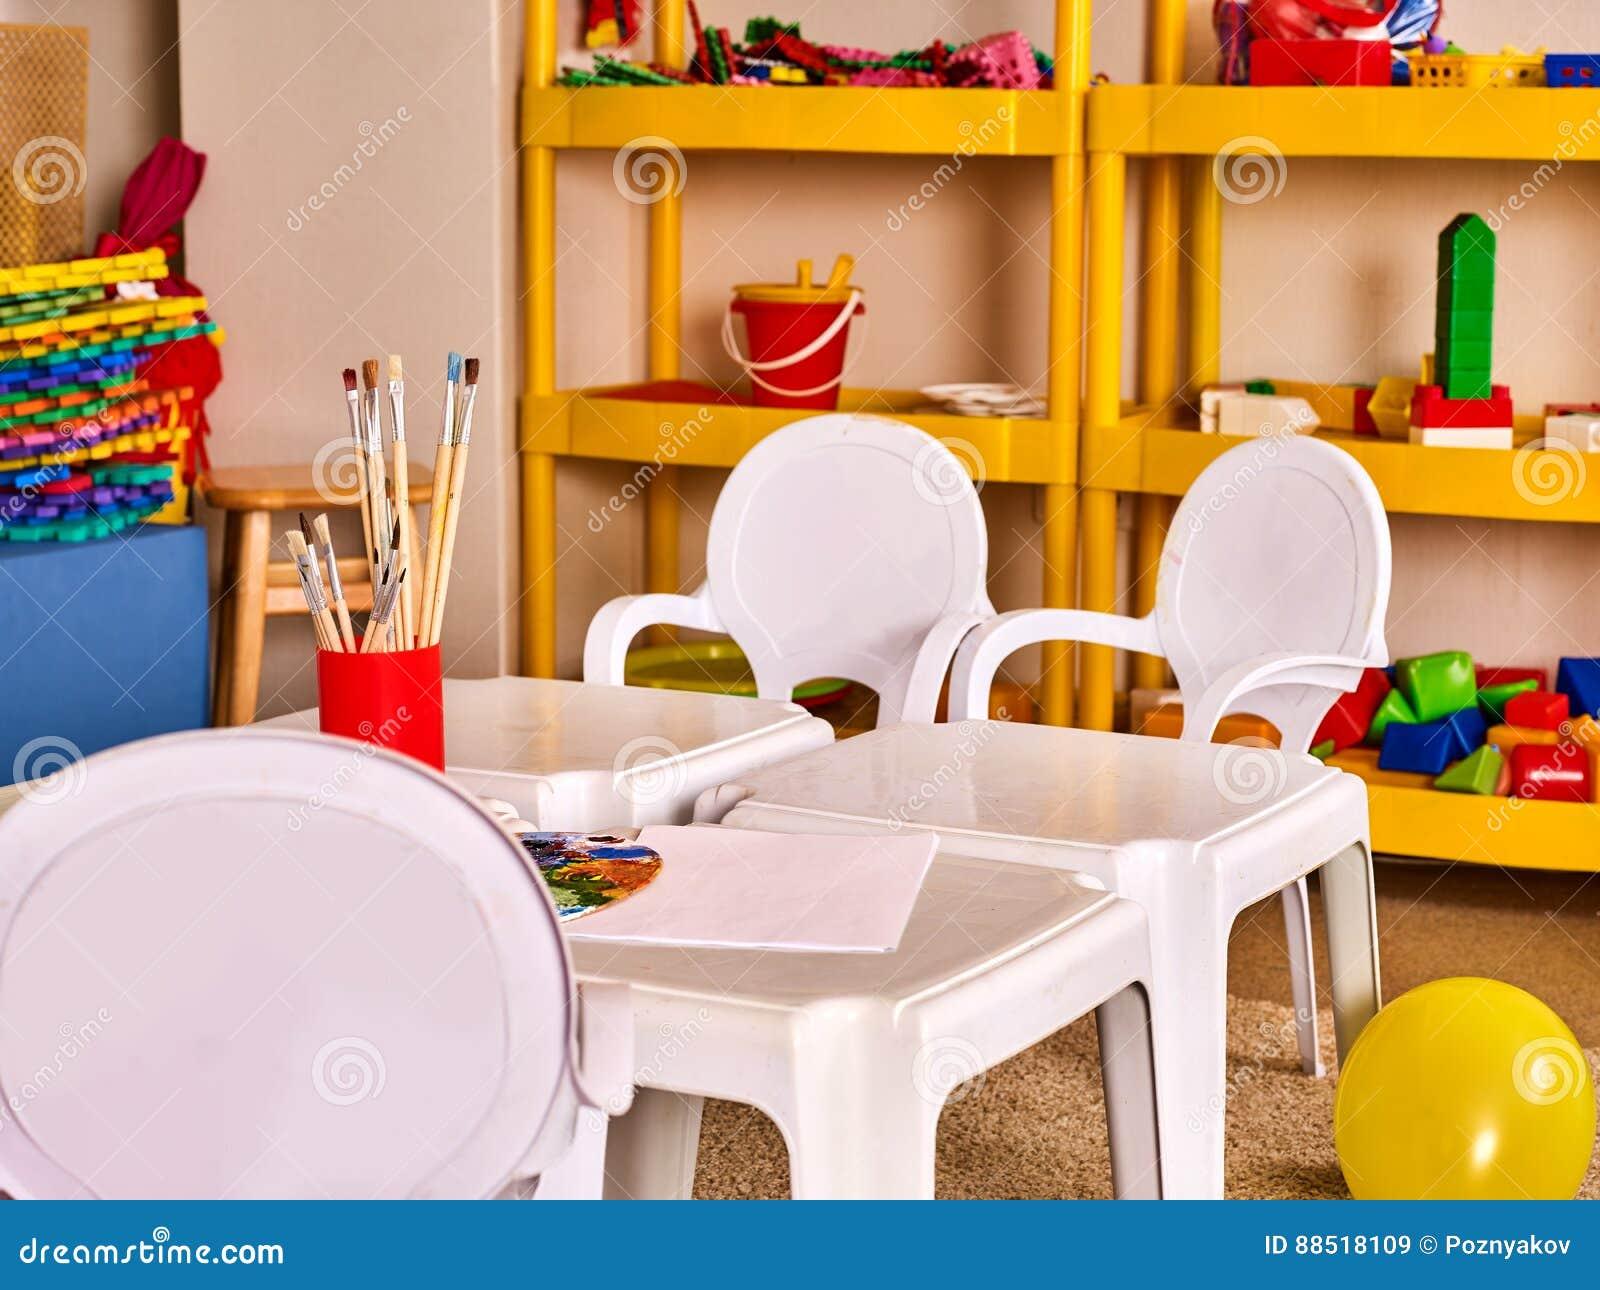 les tables et les chaises de jardin d 39 enfants dans la d coration int rieure rayonne pour des. Black Bedroom Furniture Sets. Home Design Ideas